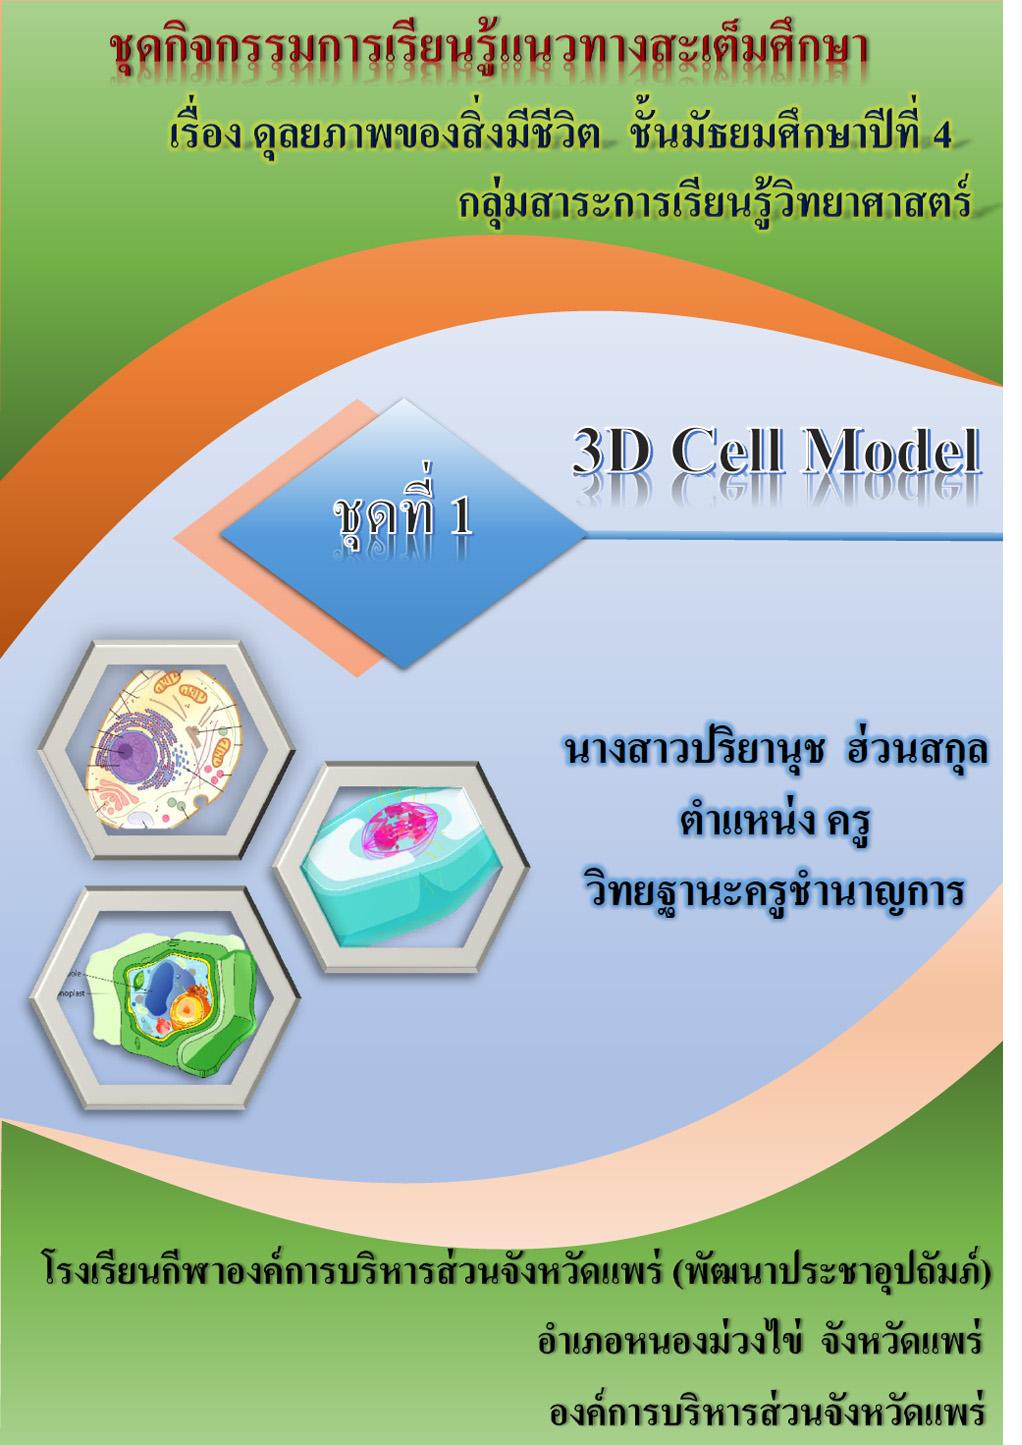 ชุดกิจกรรมการเรียนรู้แนวทางสะเต็มศึกษา ชั้นมัธยมศึกษาปีที่ 4 ชุดที่ 1 เรื่อง 3D Cell Model ผลงานครูปริยานุช ฮ่วนสกุล